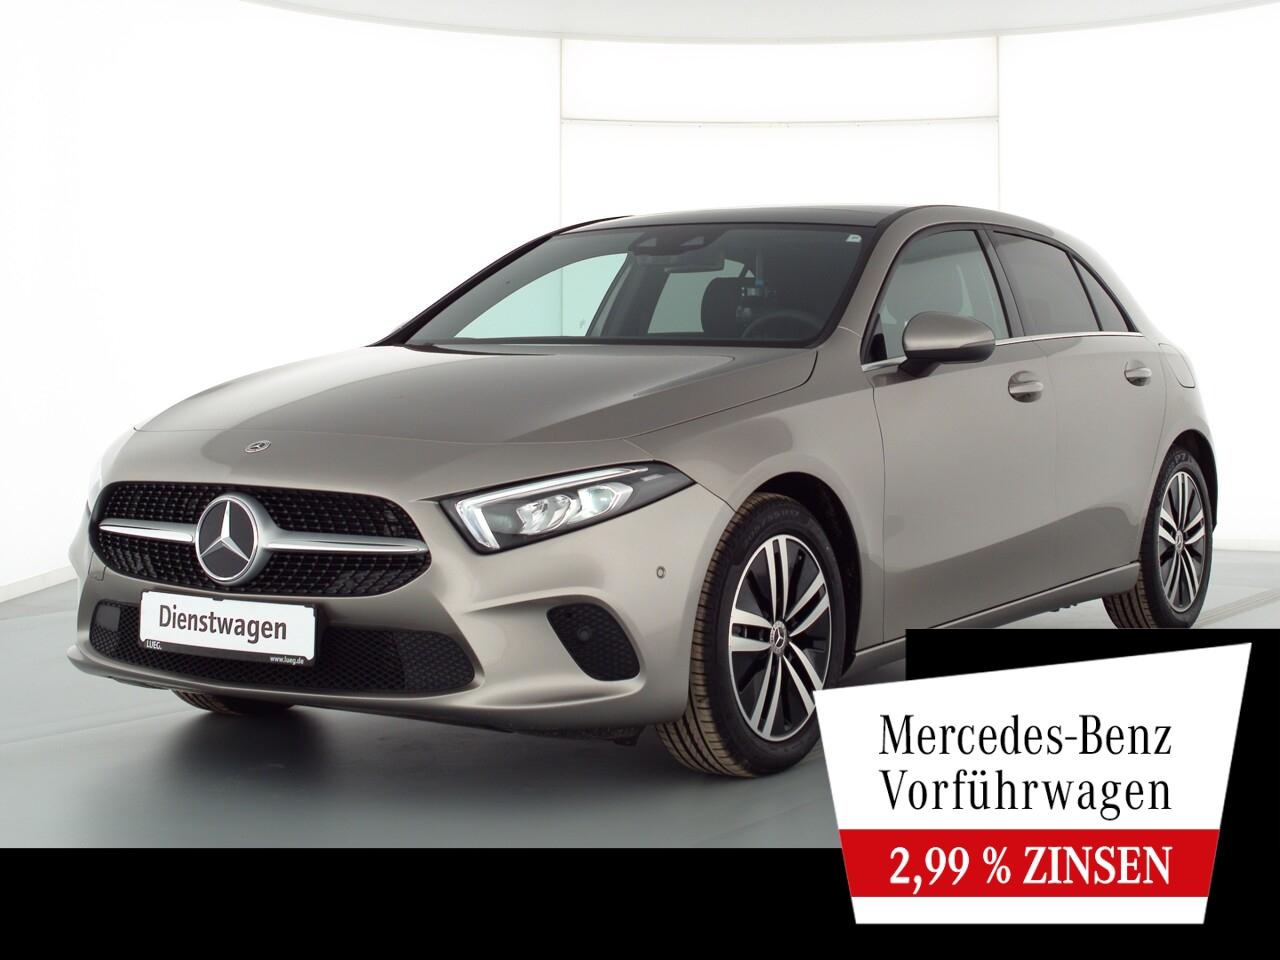 Mercedes-Benz A 180 STYLE+17''+PANO+AHK+TOTW+KAMERA+MBUX-HIGH, Jahr 2021, Benzin